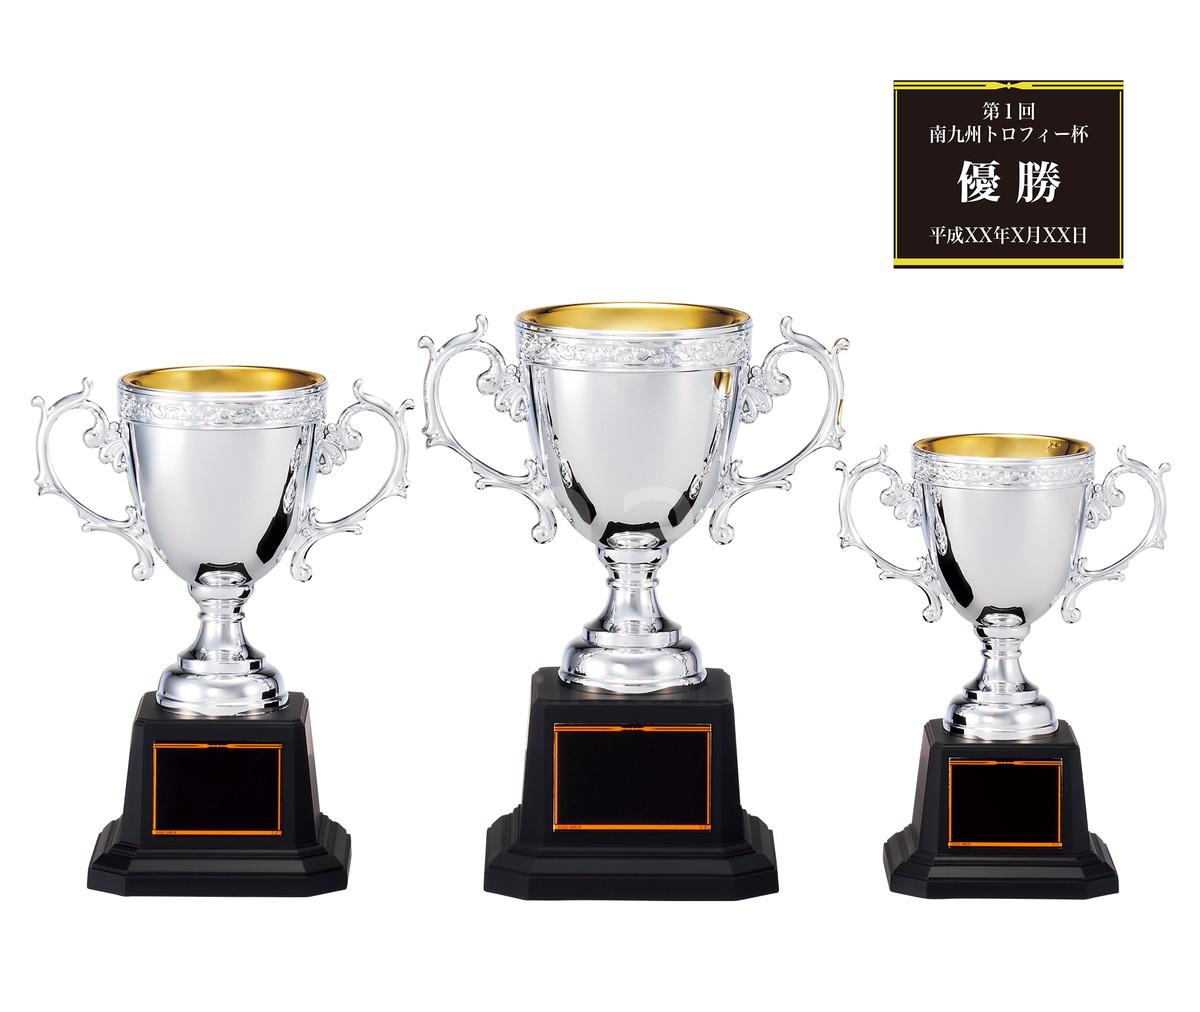 南九州トロフィーなら550種類から 優勝カップ 表彰カップ 樹脂製プラカップ CP145-Bサイズ 高さ19.5cm 南九州トロフィー 重さ400g お得なキャンペーンを実施中 早割クーポン レーザー彫刻 口径8cm 文字彫刻代無料 化粧箱入り